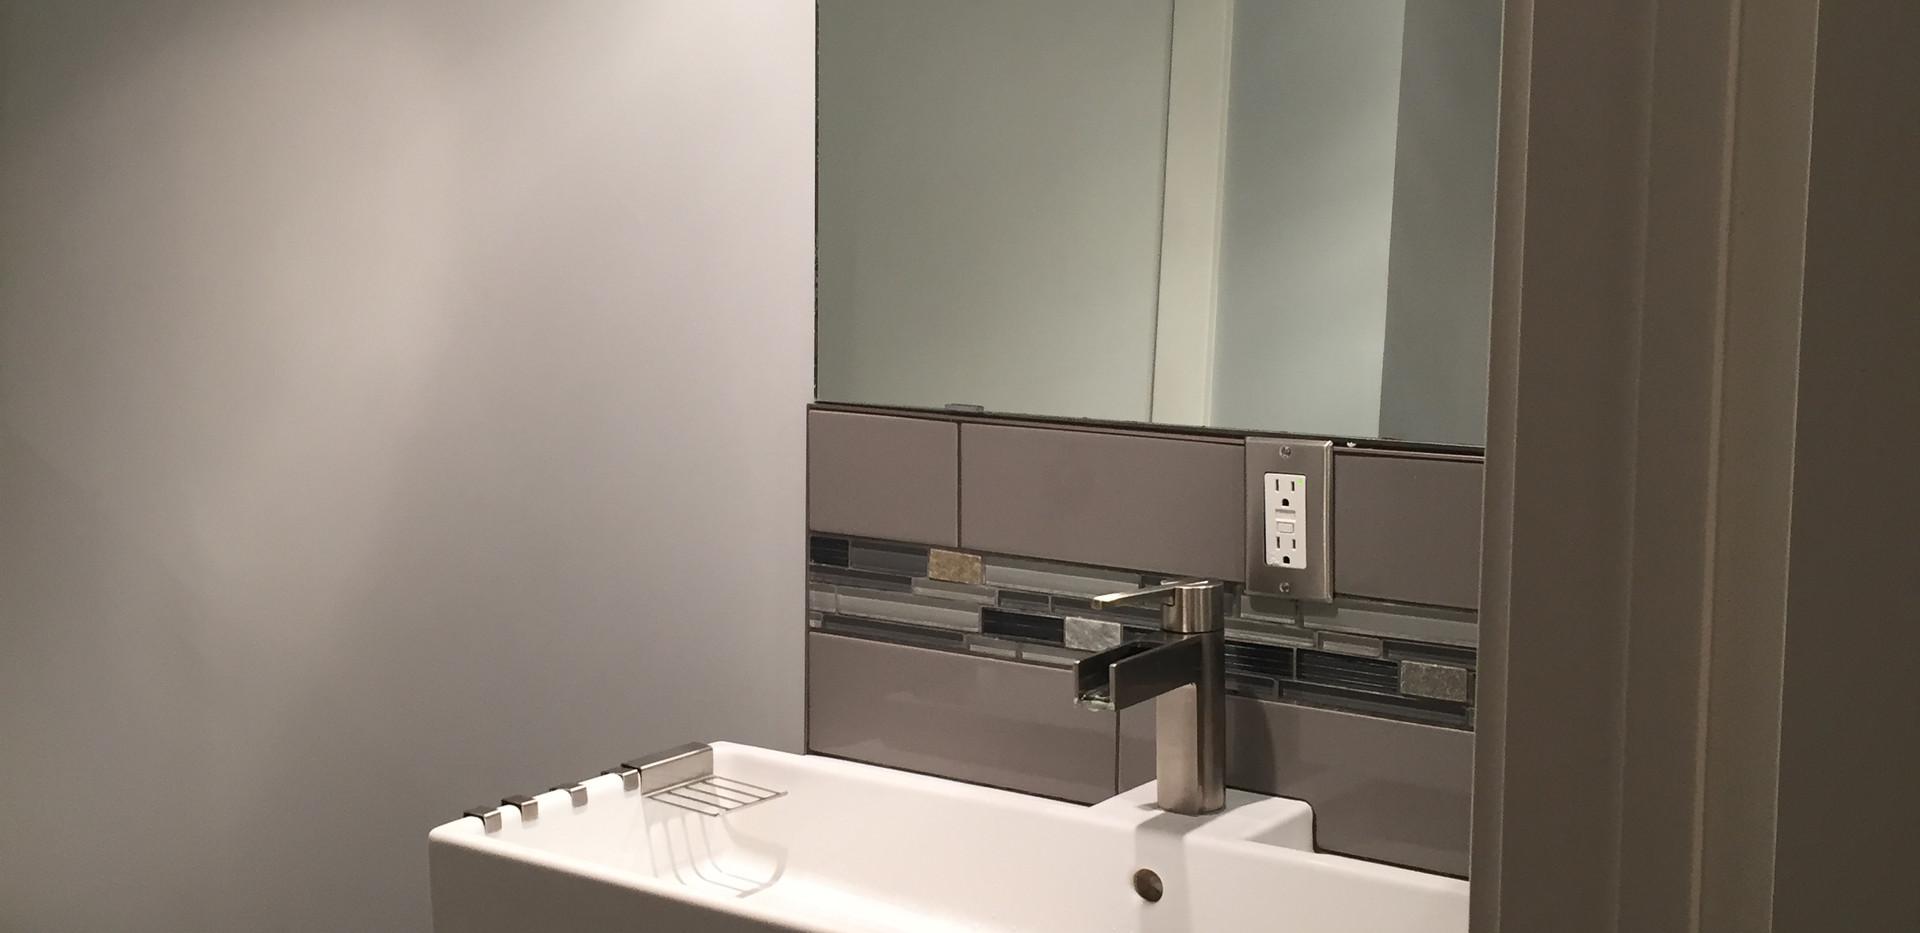 Bathroom sink.JPG